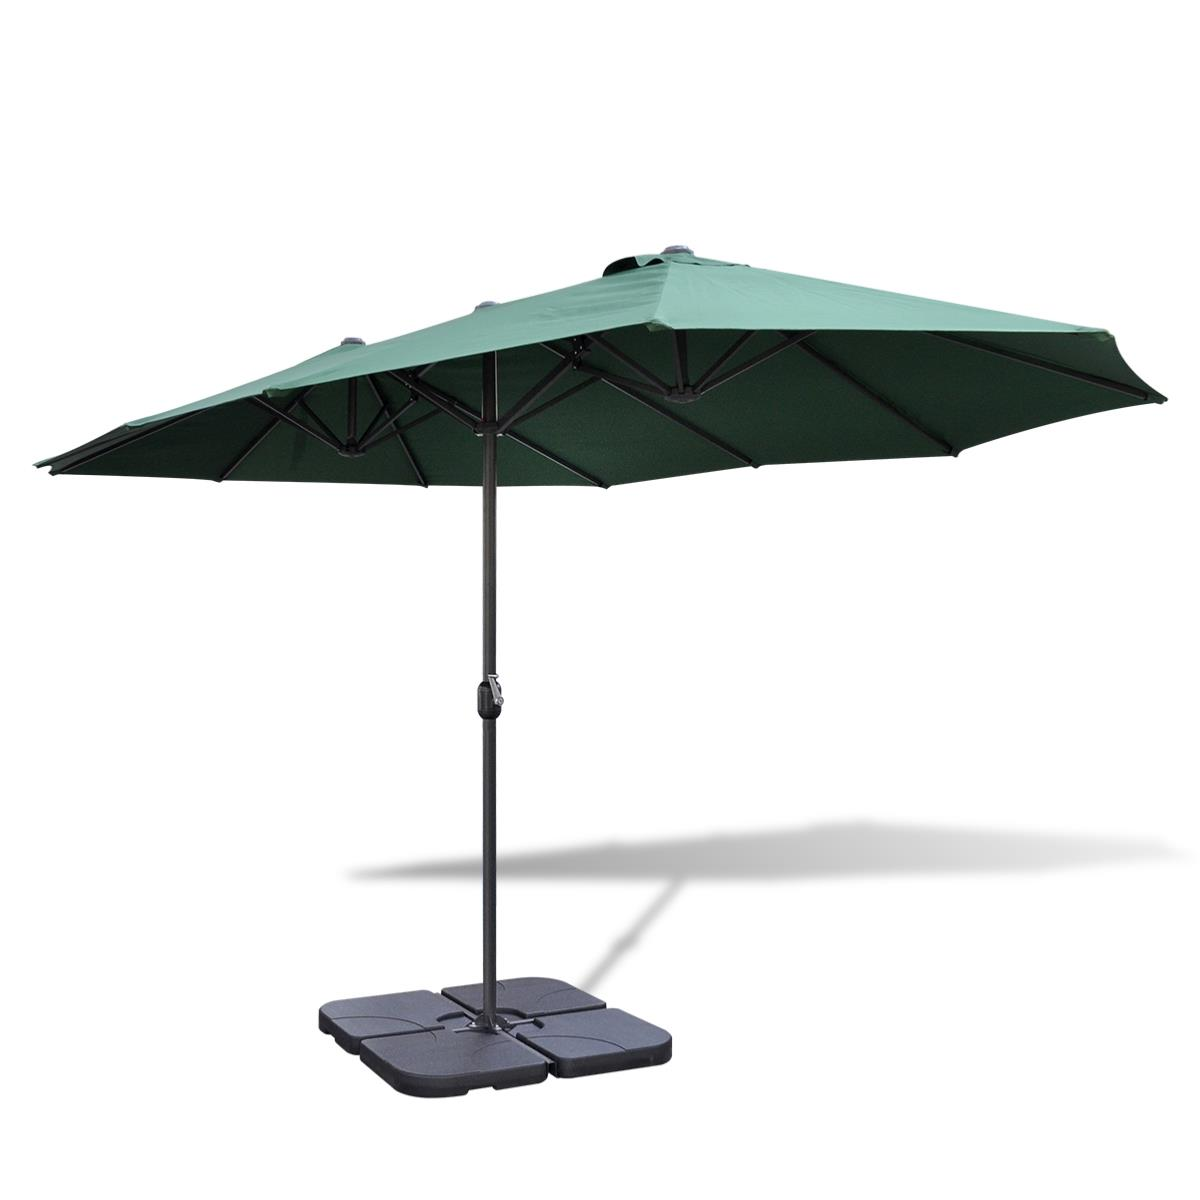 socle adaptable base 4 l ments pour pied de parasol en croix. Black Bedroom Furniture Sets. Home Design Ideas